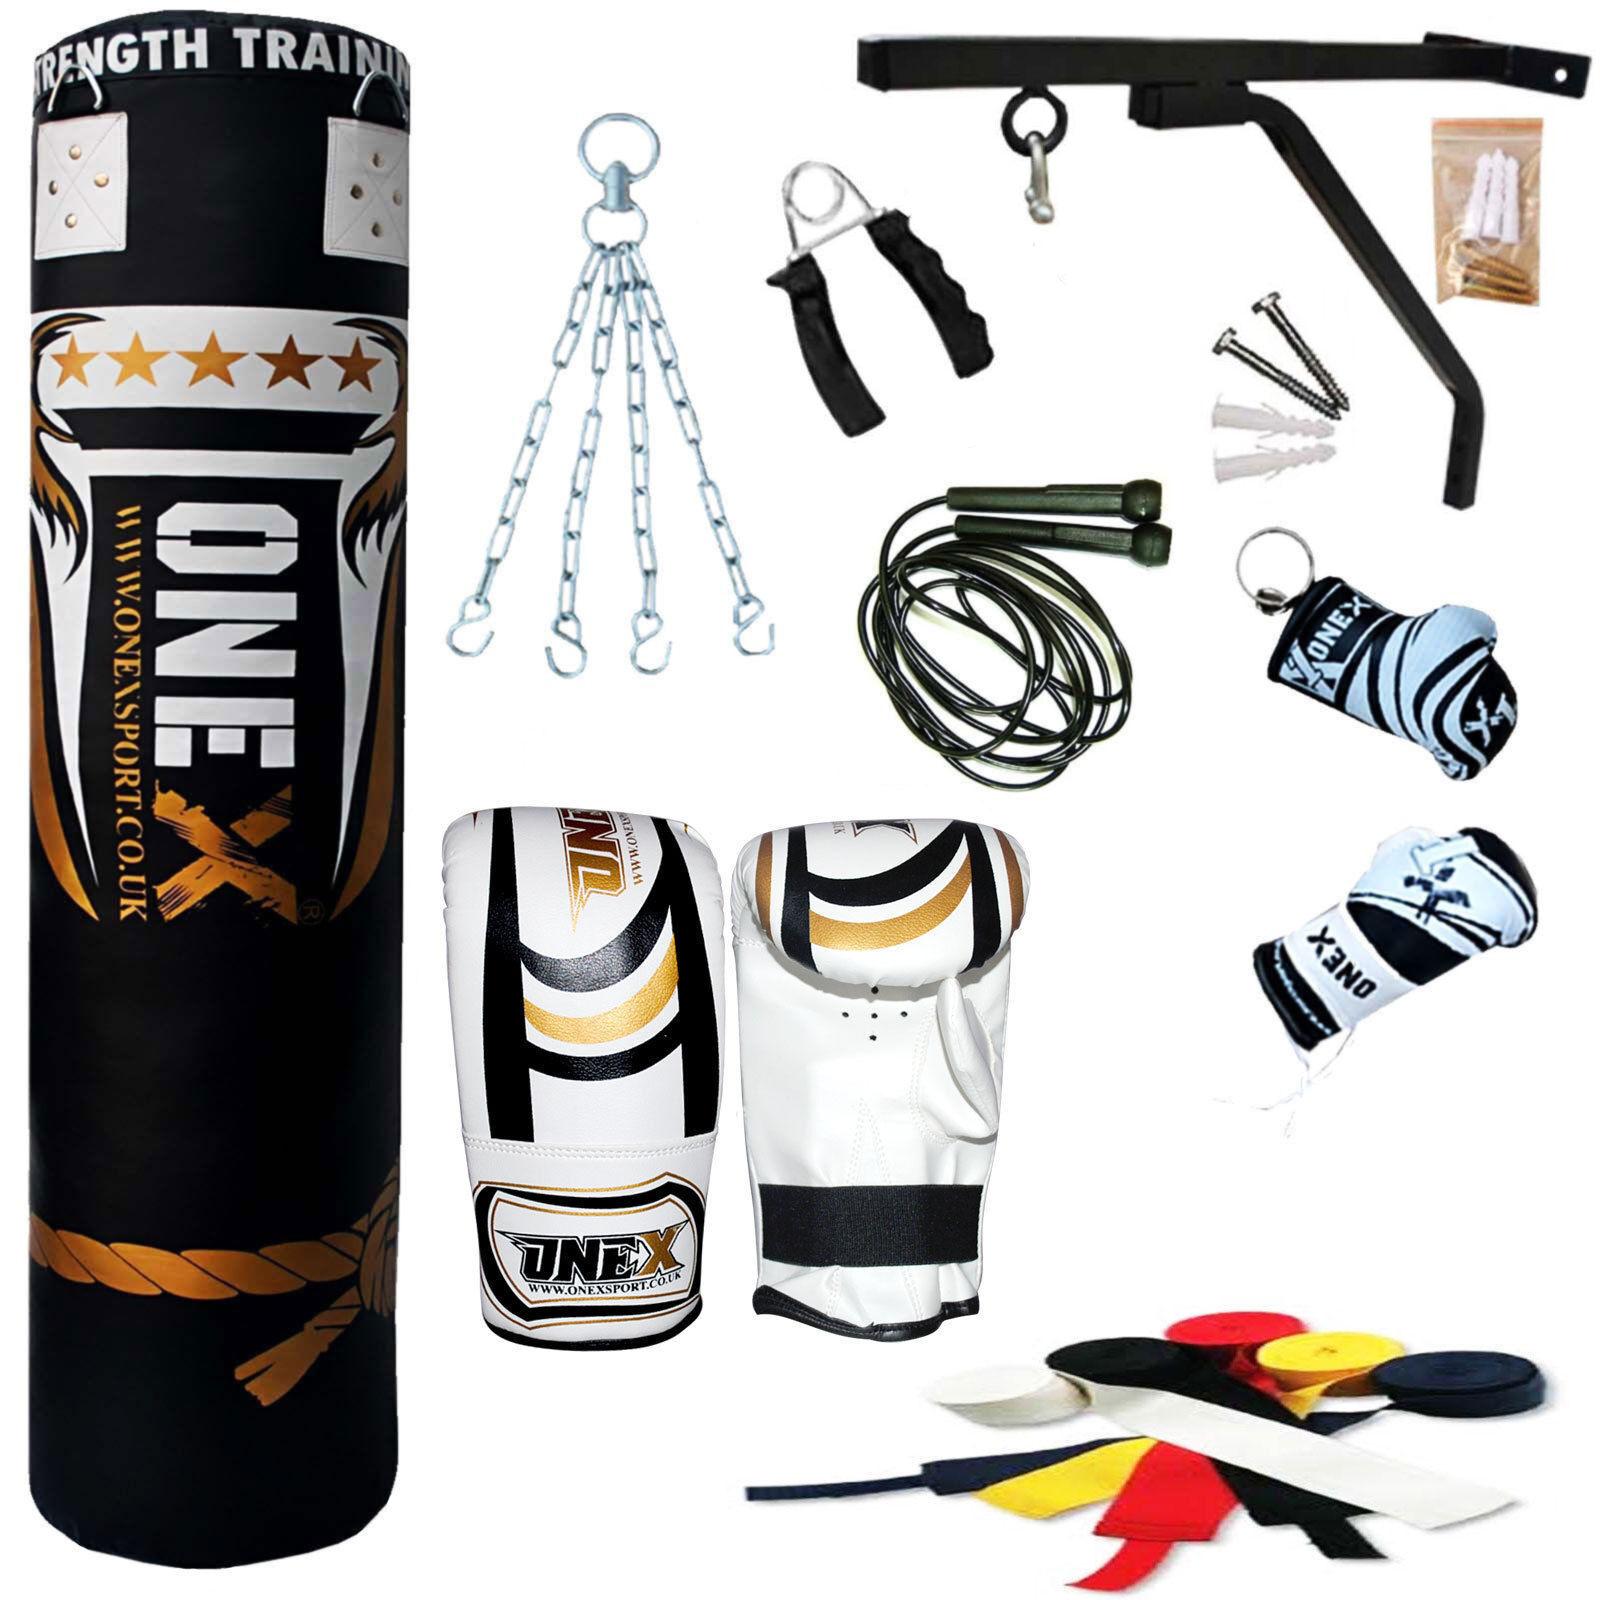 New13 Pezzo 5ft Heavy Riempito Punch Bag Set Pugilato, Guanti, staffa, CATENE MMA Pad